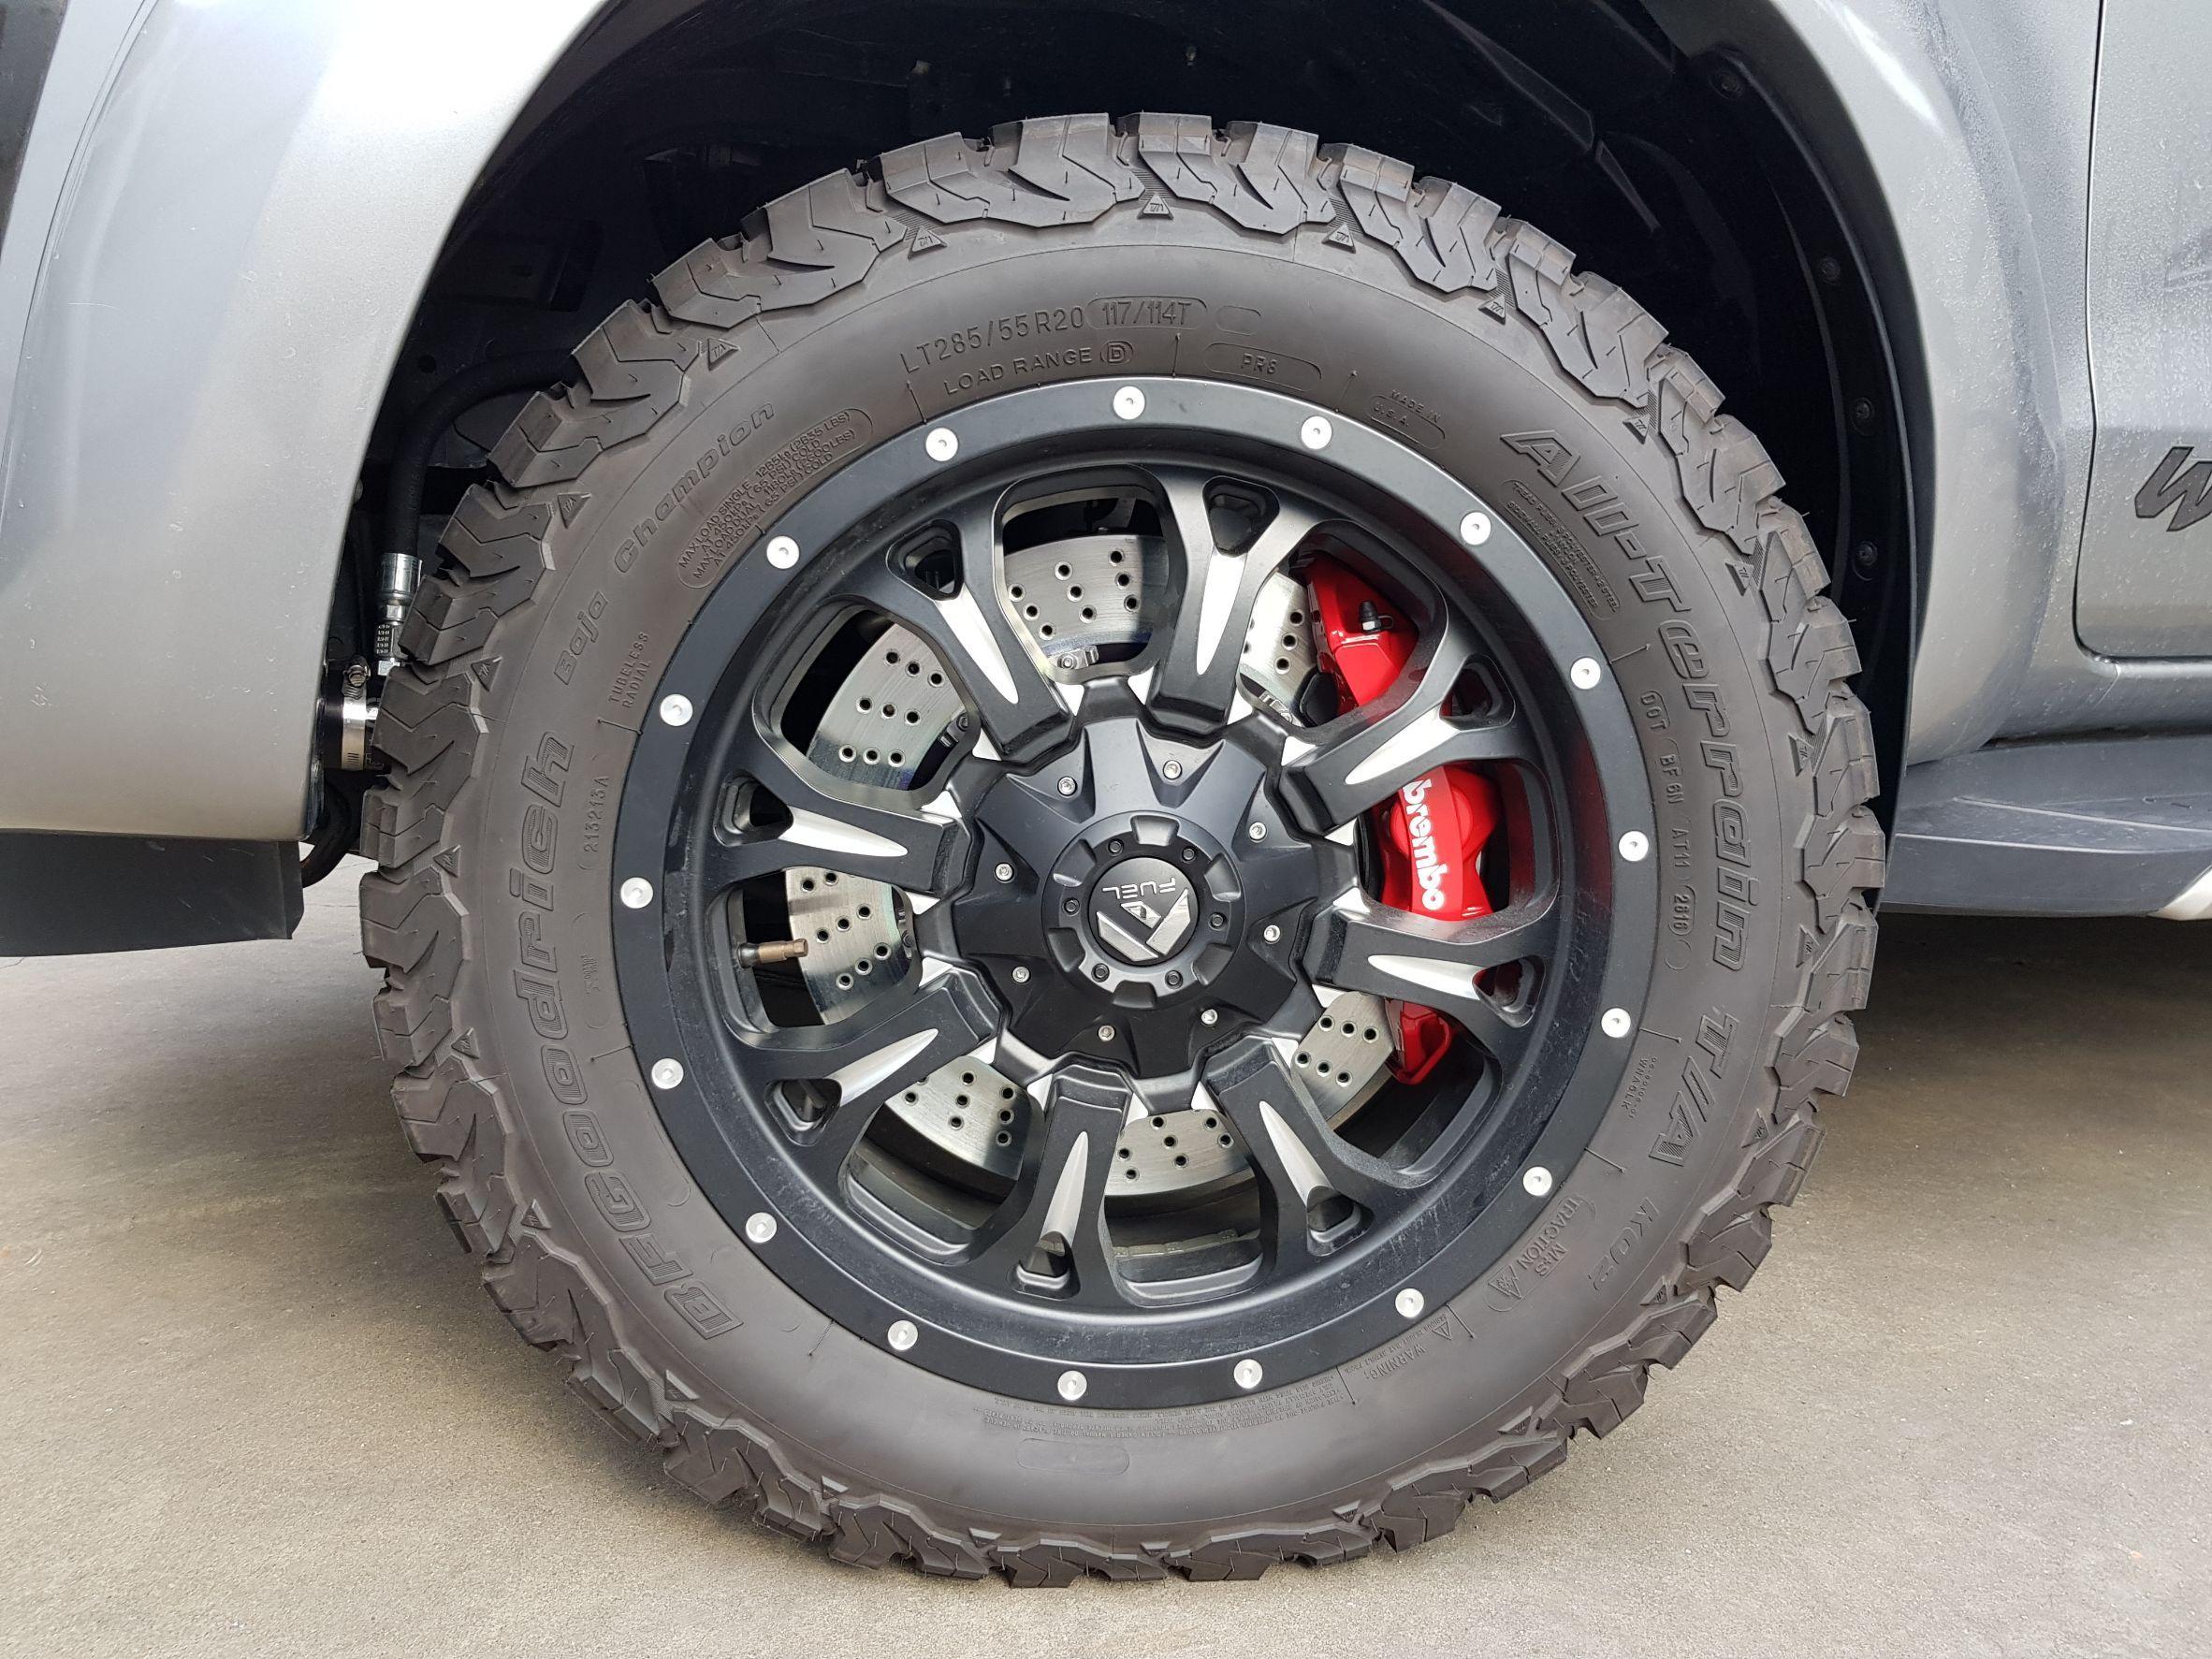 brembo big brakes 2017 ford ranger bangkok jantes carros. Black Bedroom Furniture Sets. Home Design Ideas